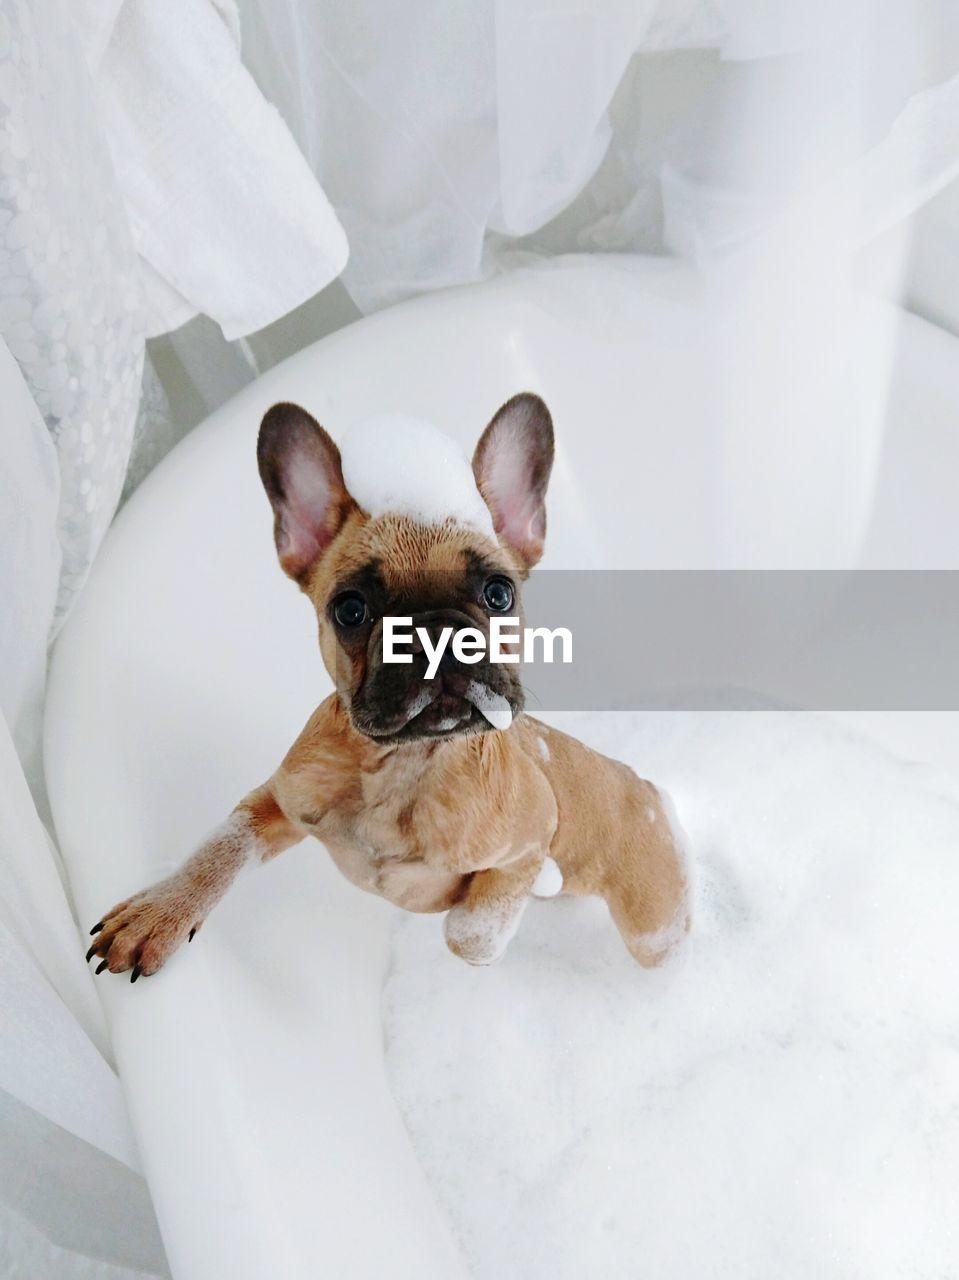 Dog In The Bathtub